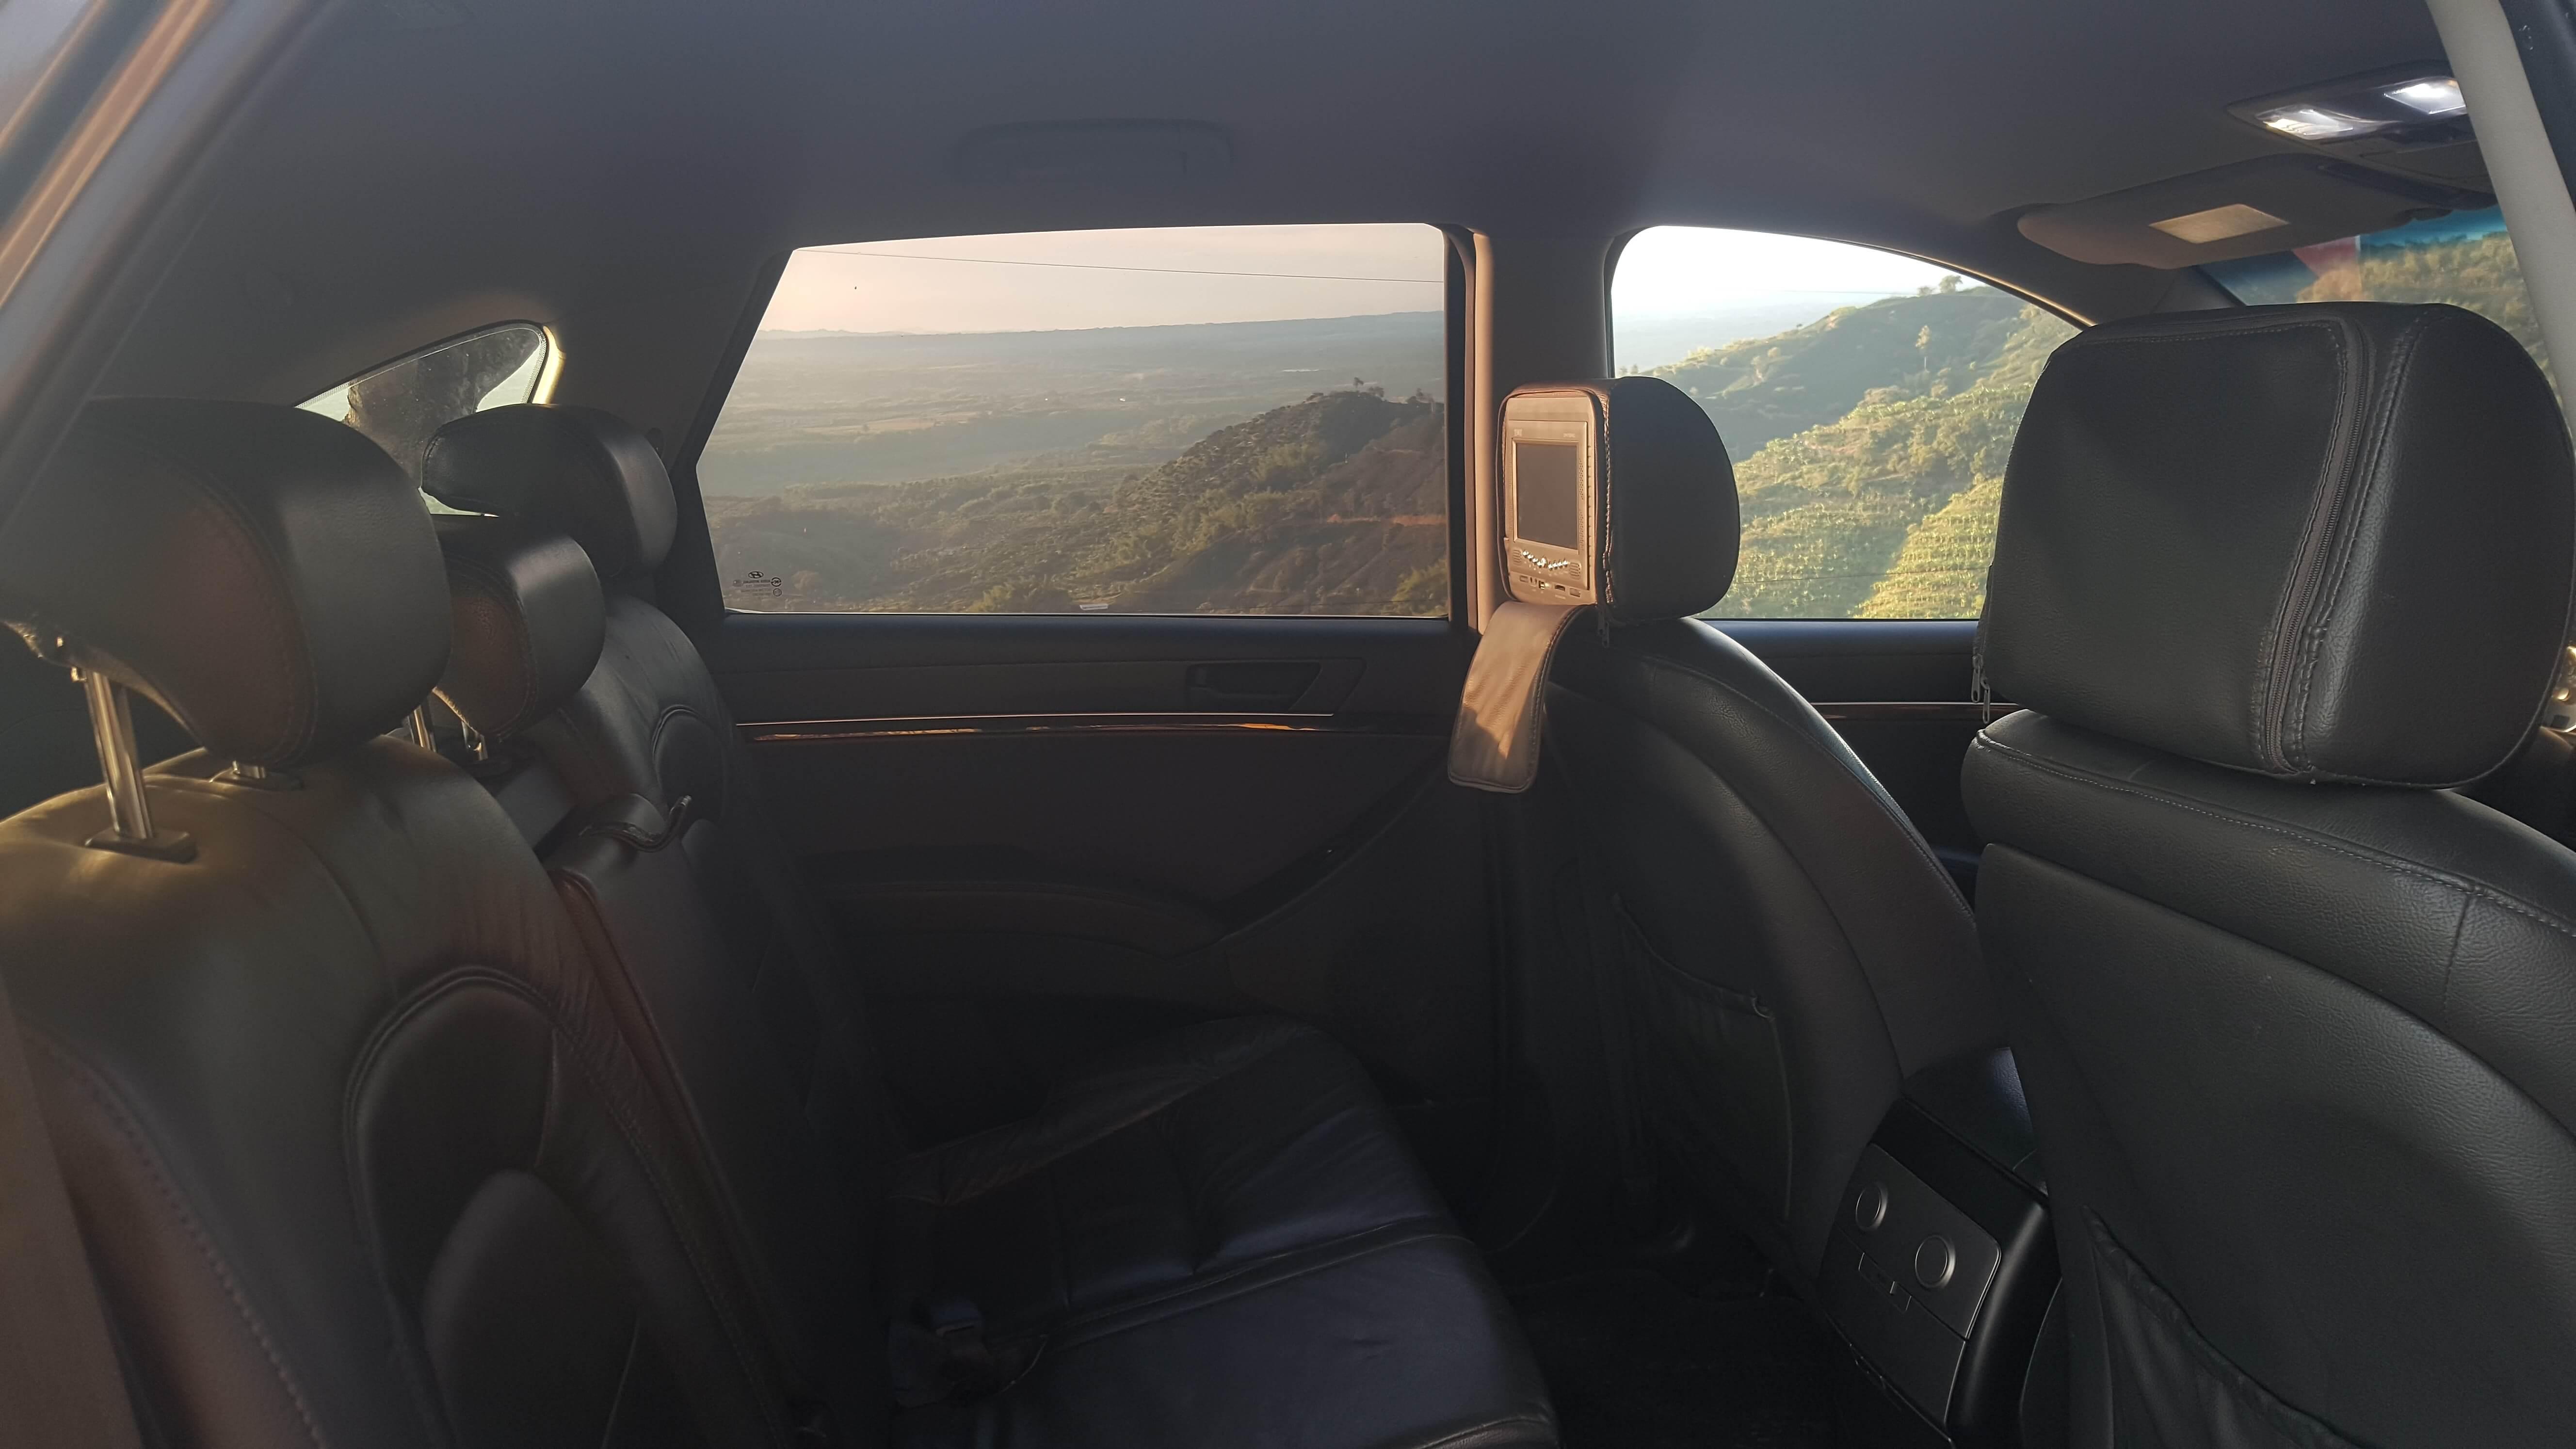 Transporte desde Armenia a Buenavista o Pijao